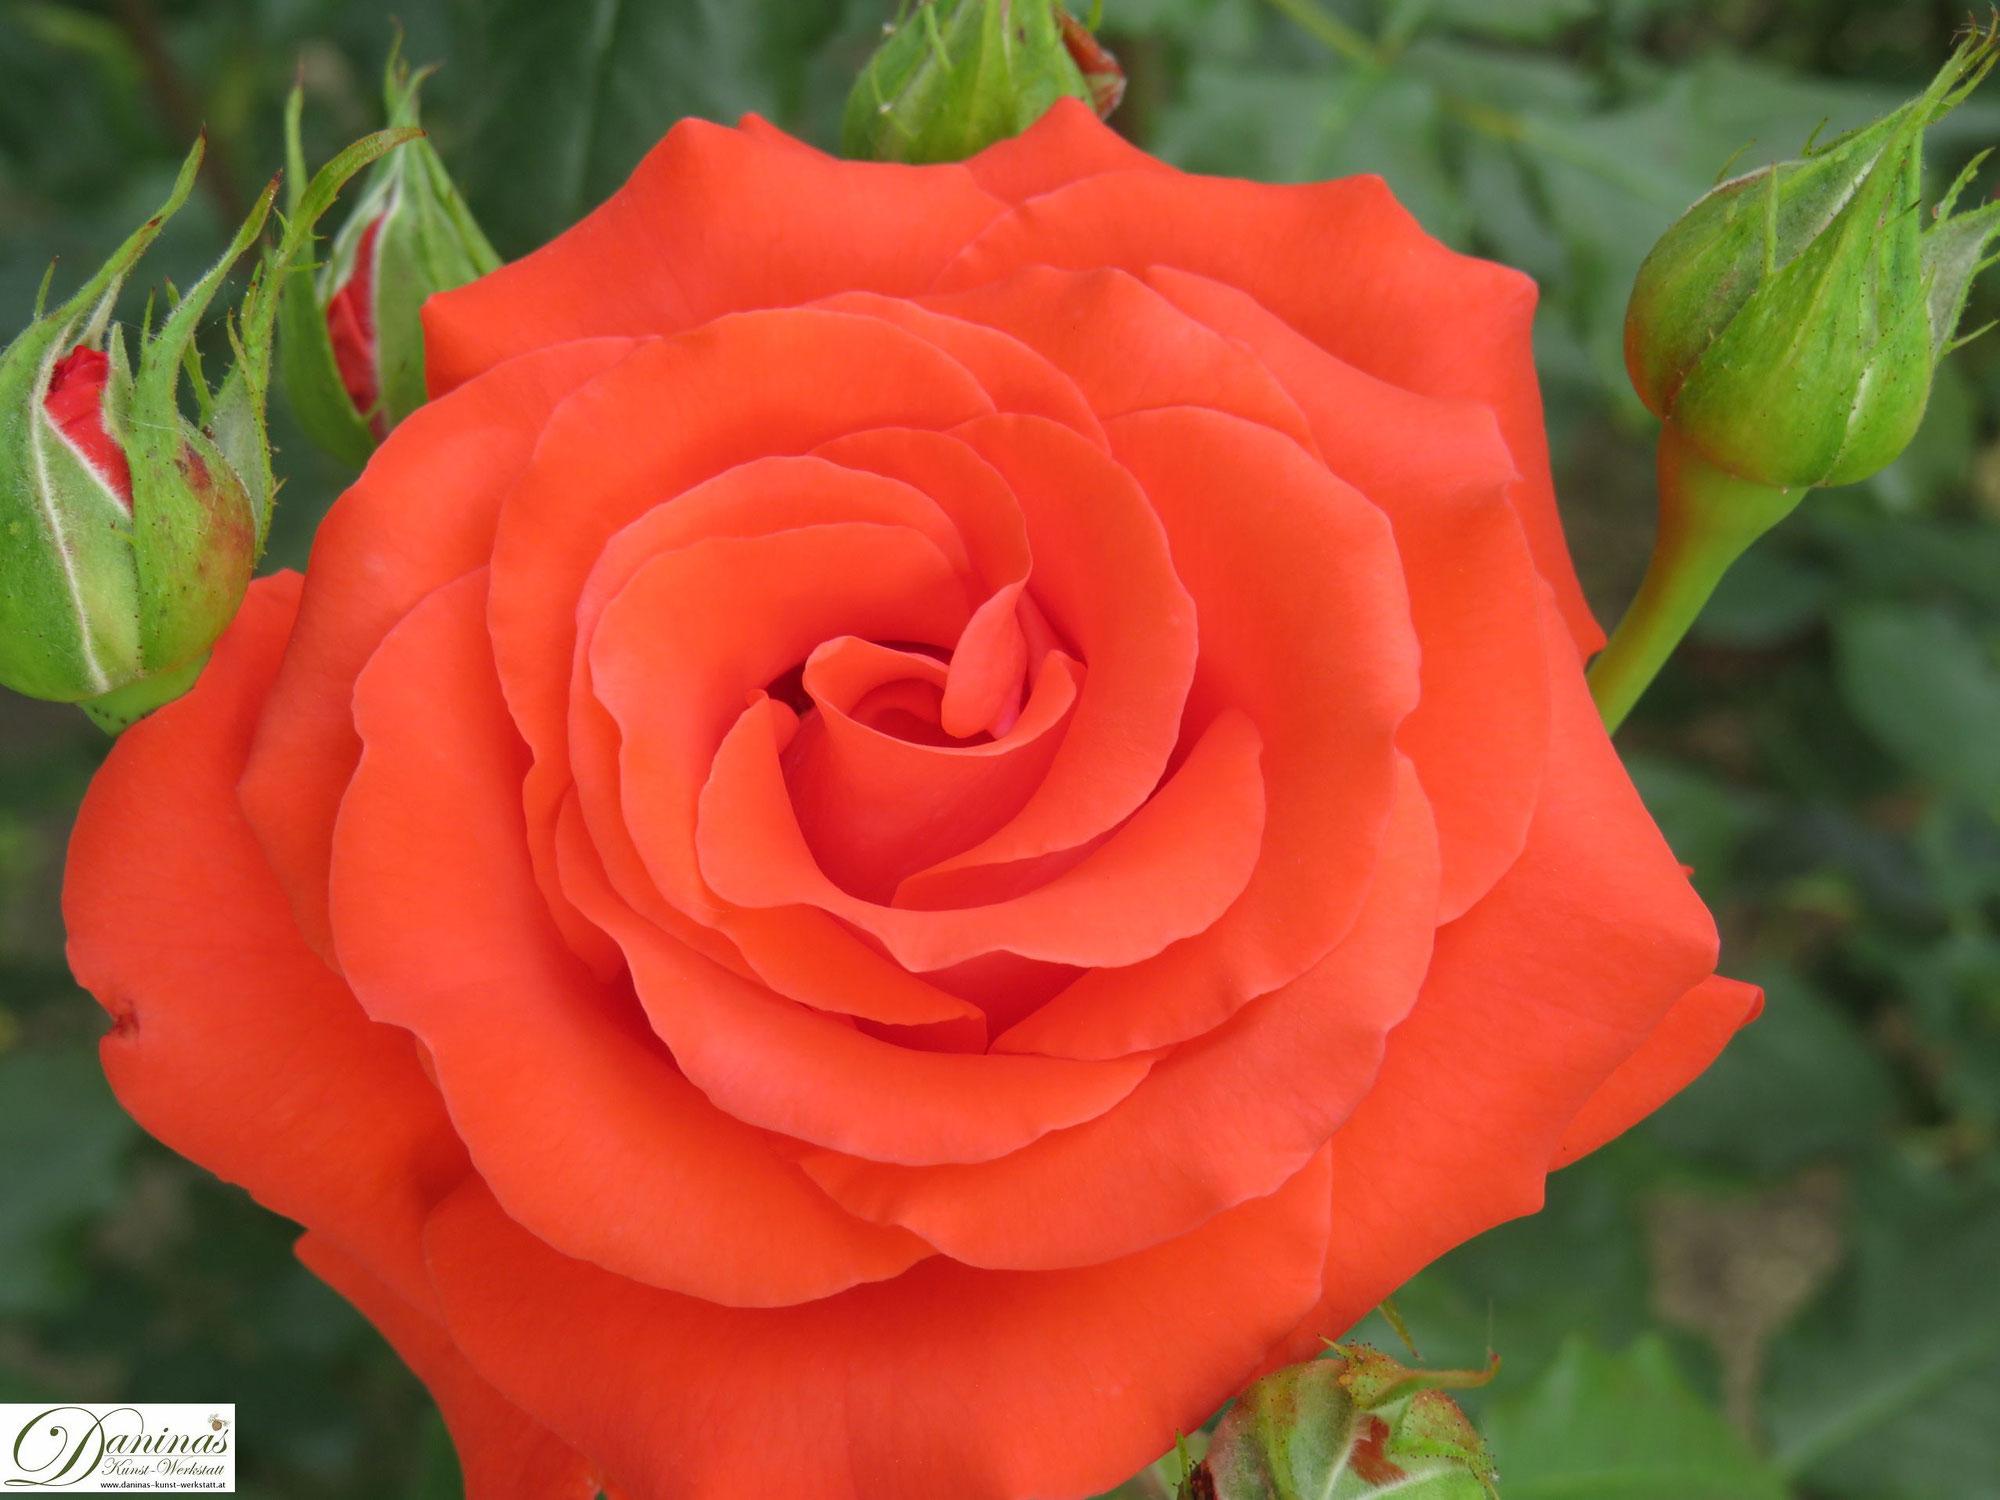 Mein schöner Rosengarten